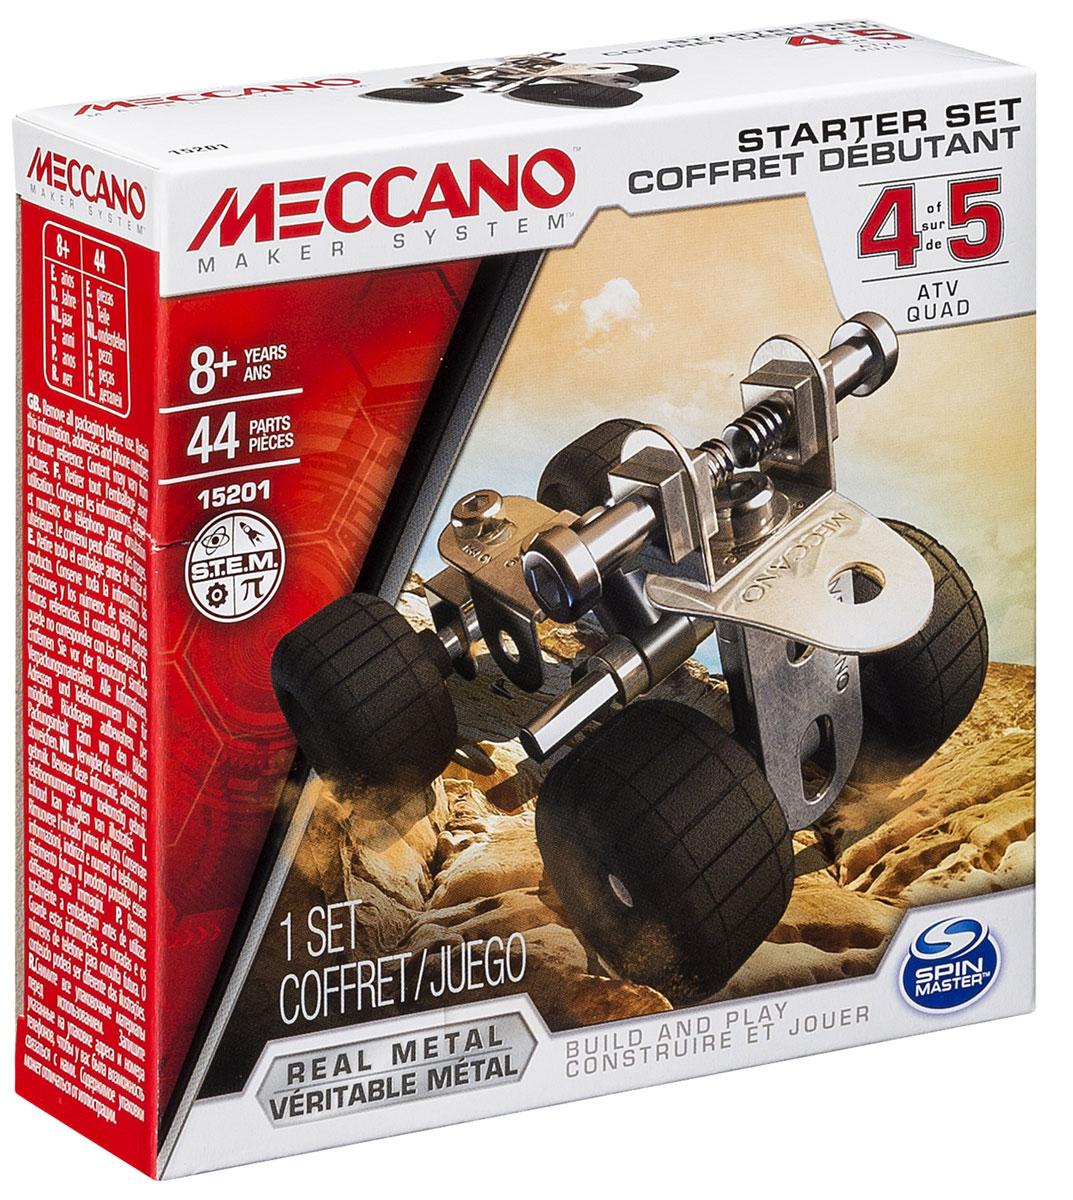 Meccano Конструктор Базовая модель 491783_20070931Конструктор Meccano Базовая модель 4 позволит вашему ребенку весело и с пользой провести время. Базовые наборы созданы для ознакомления с принципами сборки конструкторов Meccano. Набор включает в себя 44 детали из металла, пластика и резины, с помощью которых можно собрать одну из 5 базовых моделей. В набор также входят все необходимые для сборки инструменты и инструкция. Конструктор Meccano Базовая модель 4 поможет ребенку развить мелкую моторику рук, координацию движений и усидчивость.